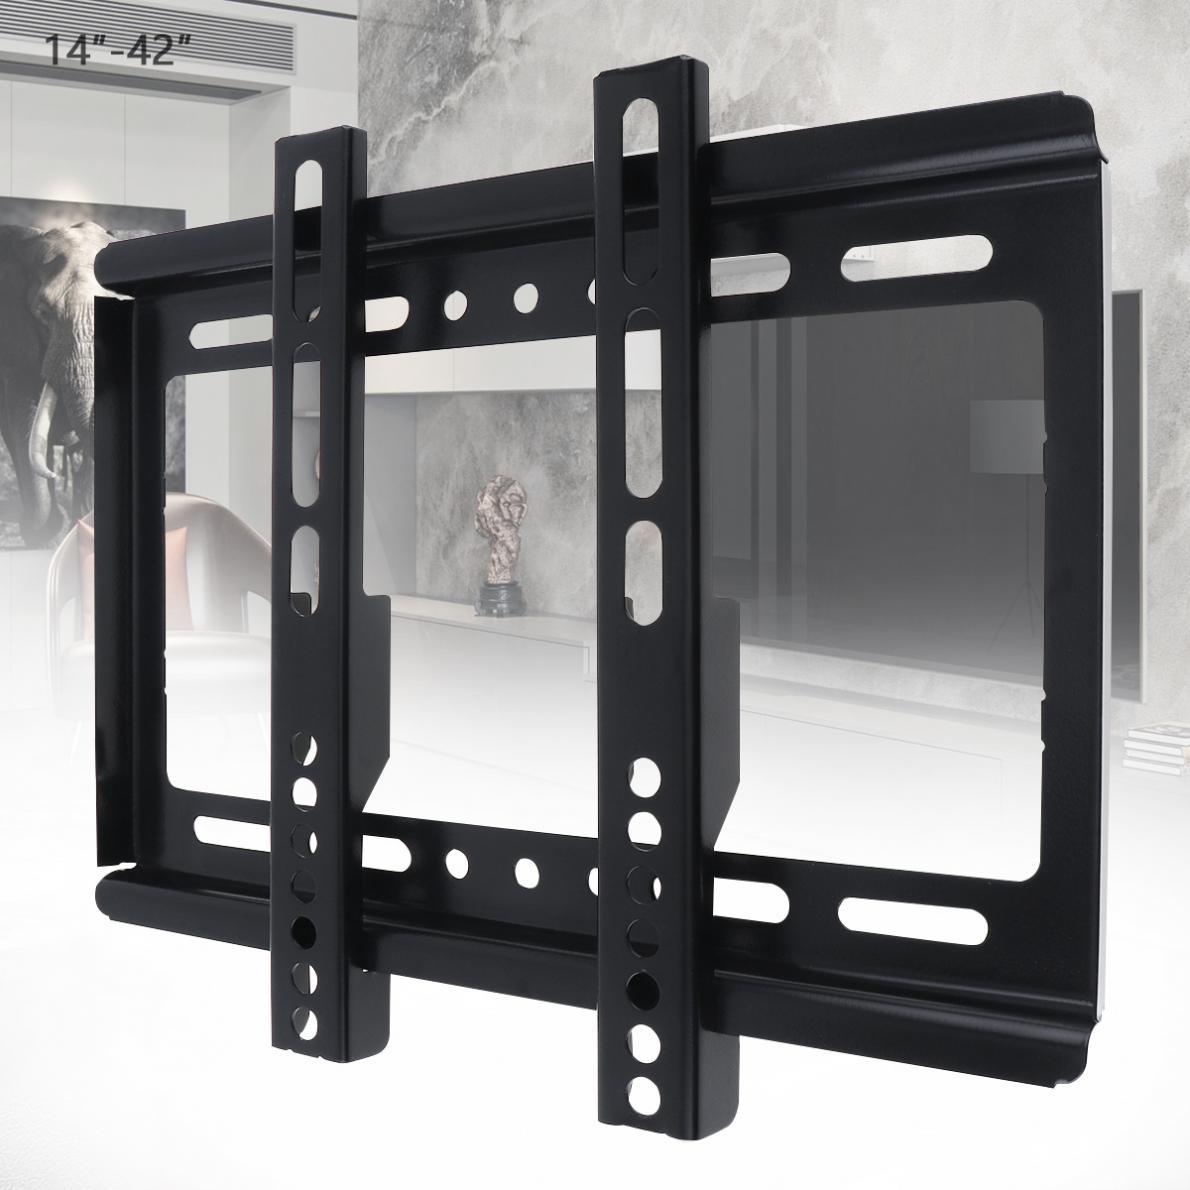 Soporte de montaje en pared Universal para TV, marco de TV de 25KG con gradiente para Monitor LCD LED de 14 - 42 pulgadas, Panel plano